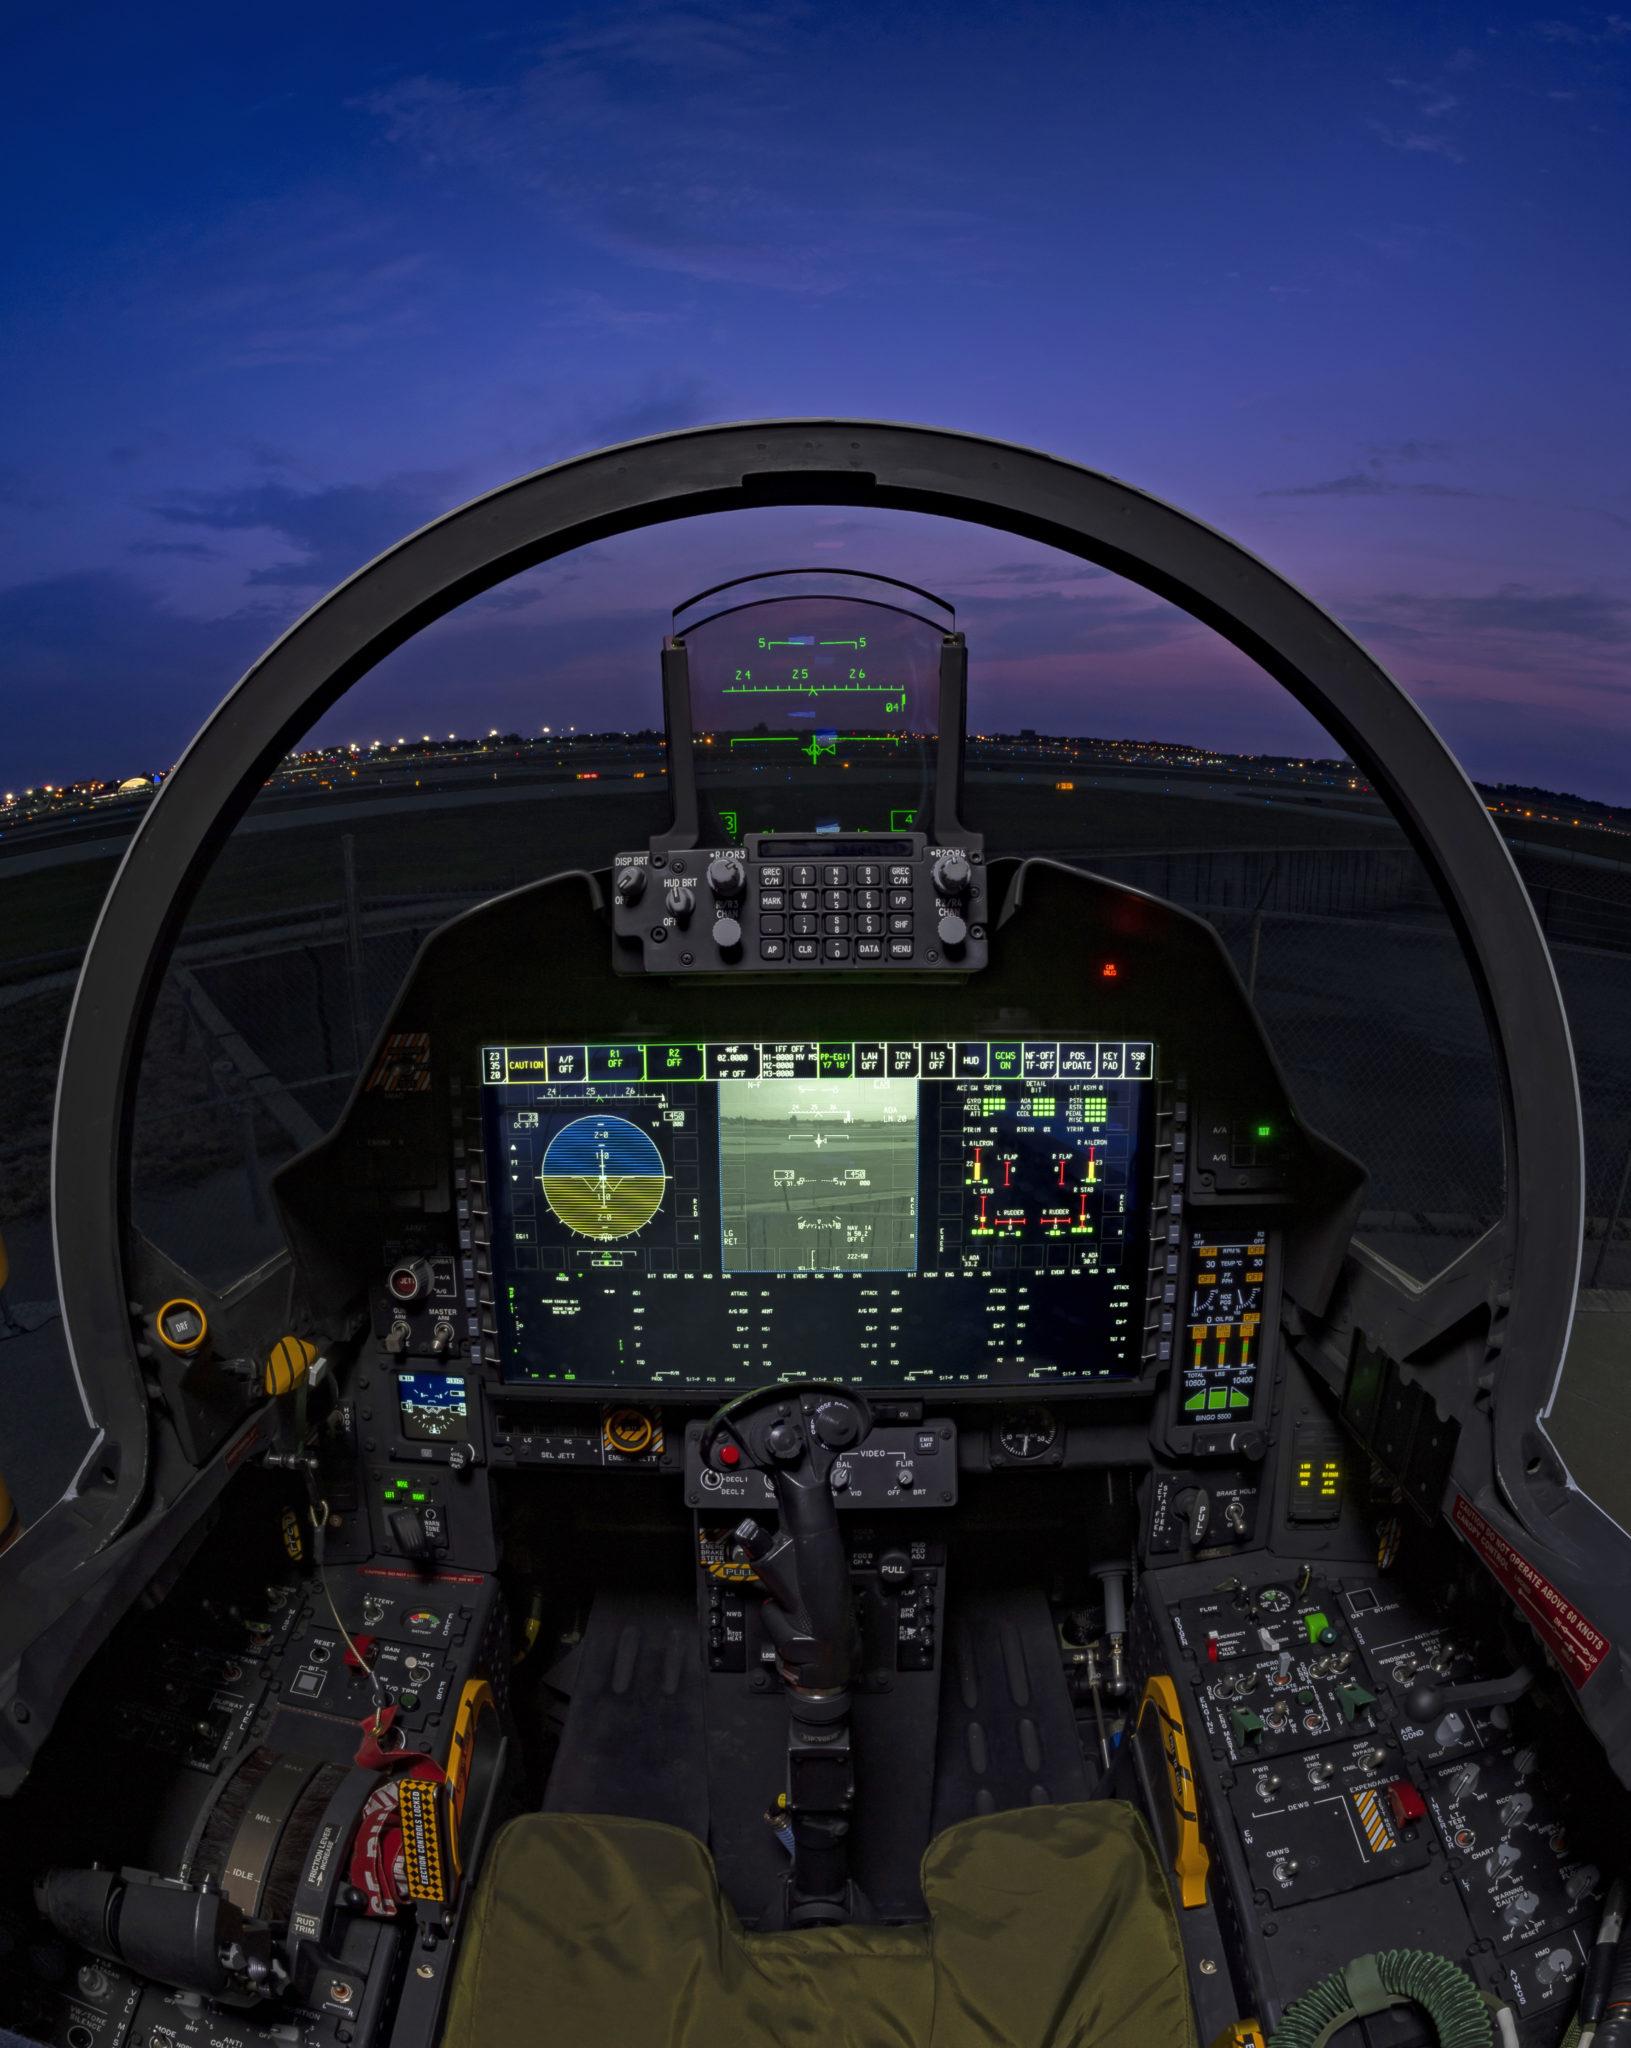 Advanced-F15-Cockpit-1631x2048.jpg